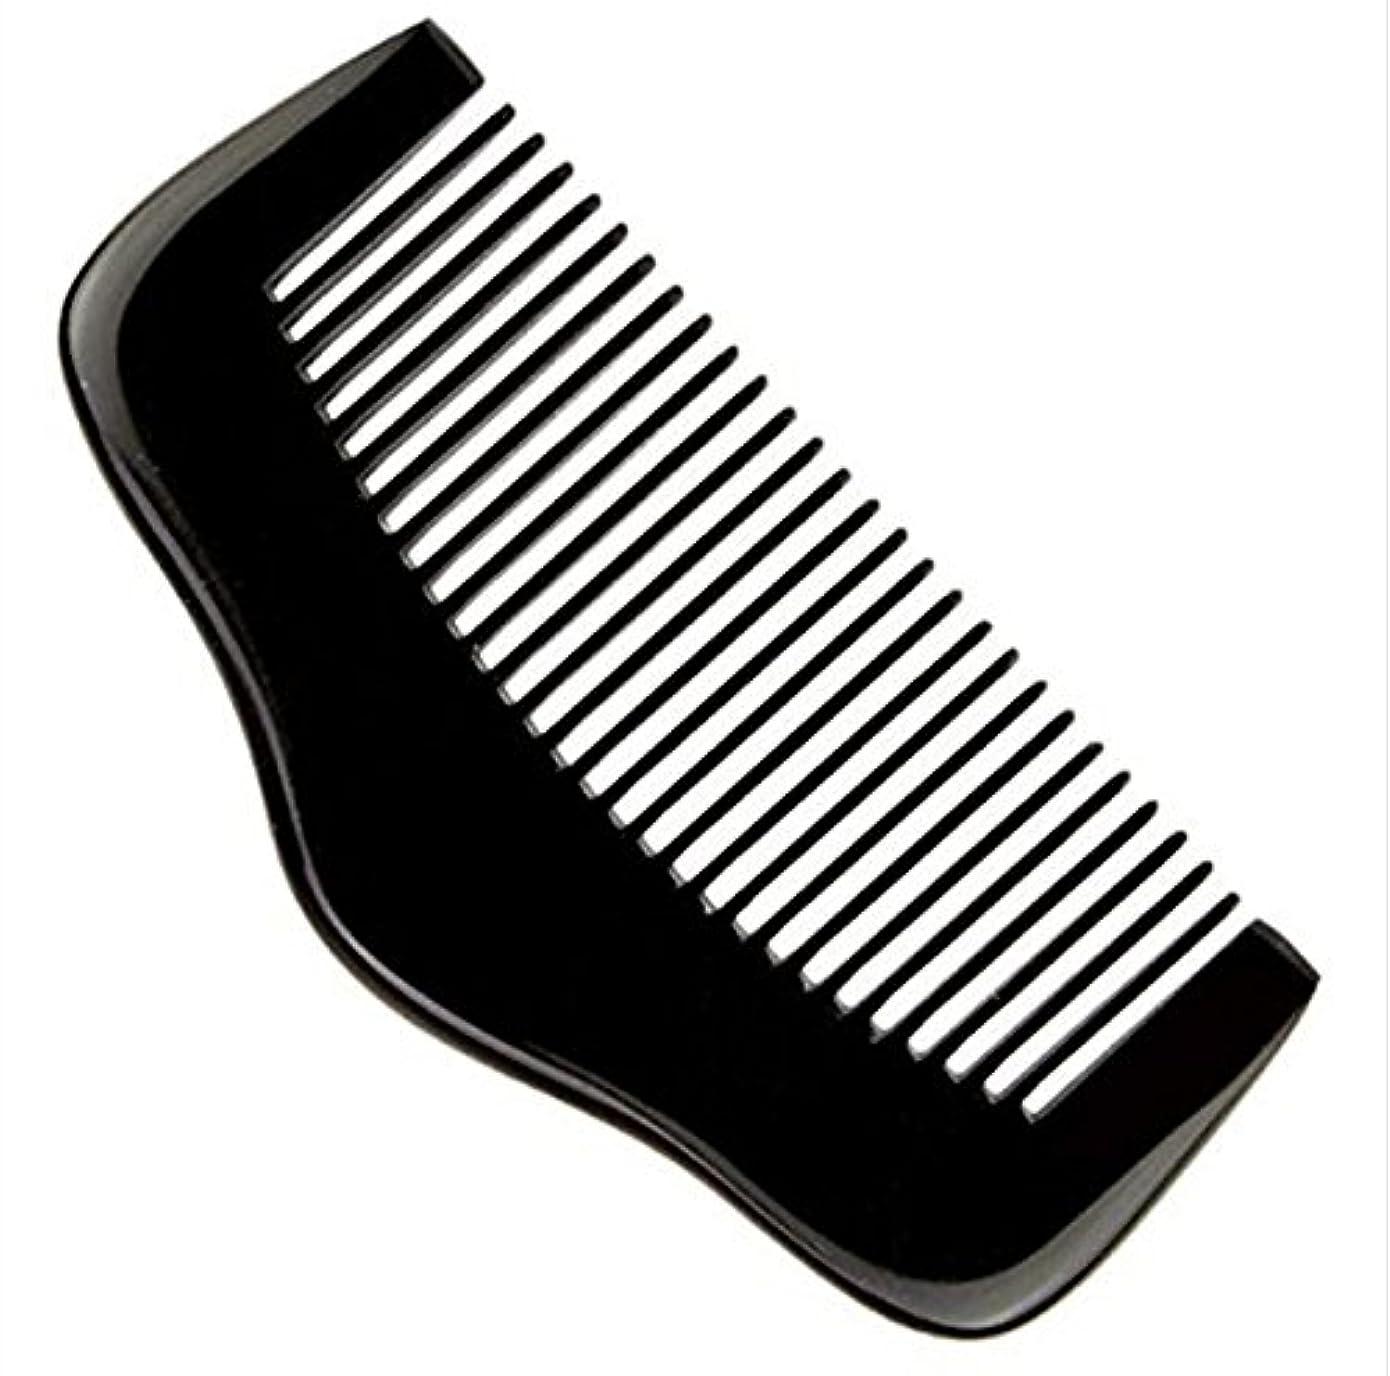 移動する満州呪い櫛型 プロも使う牛角かっさプレート マサージ用 血行改善 高級 天然 静電気 防止 美髪美顔 ボディ リンパマッサージ